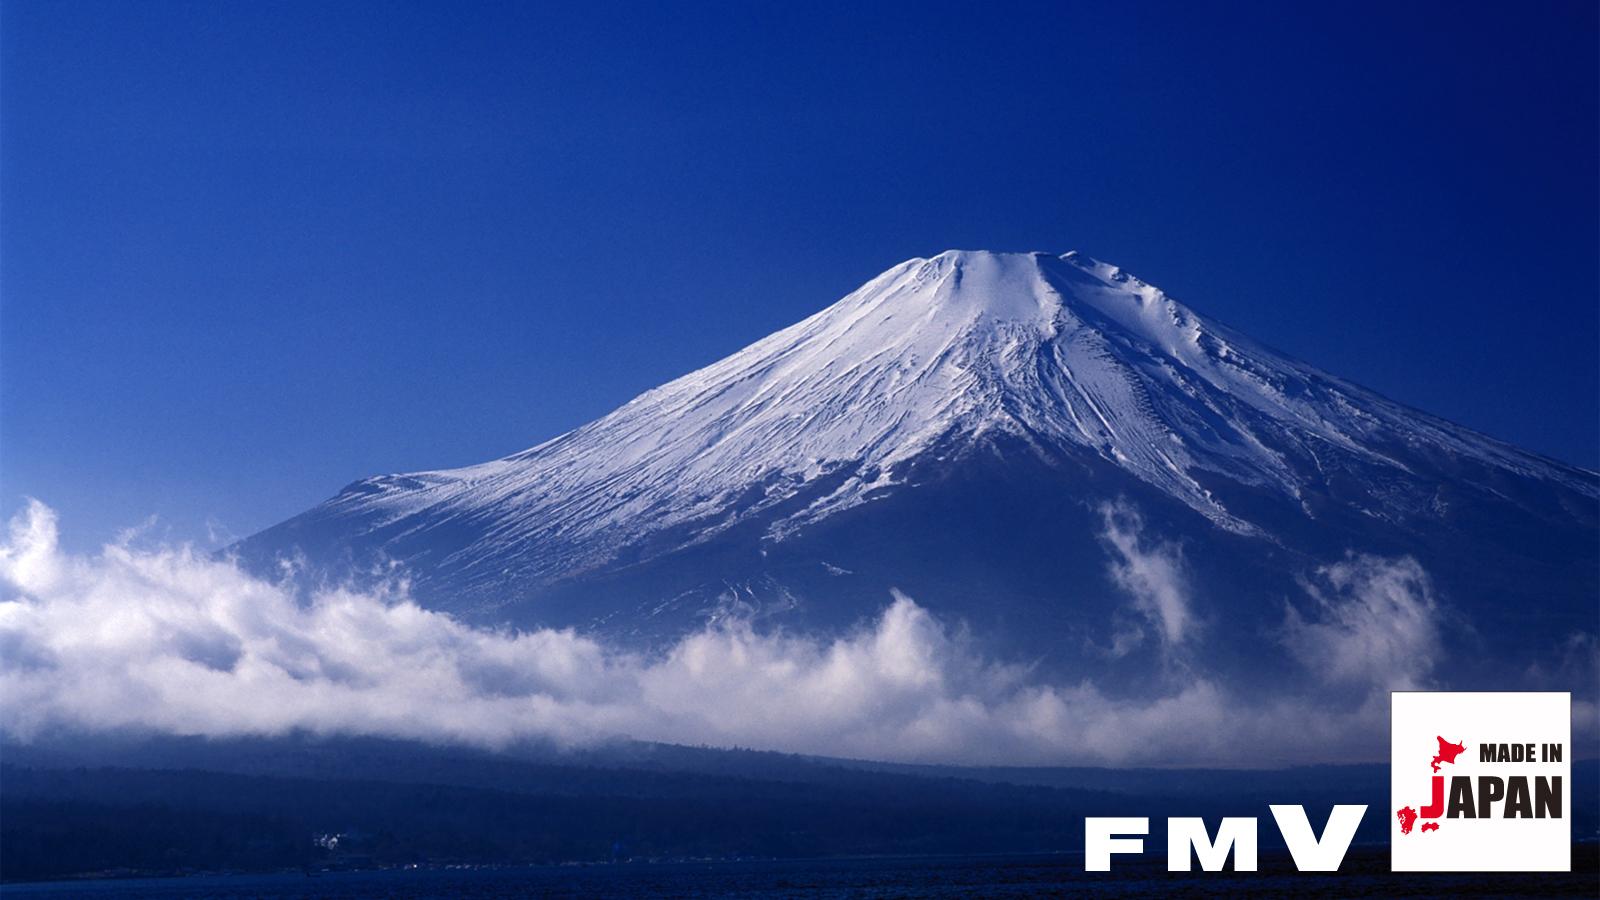 今までに発表した主な製品 Made In Japan Fmvサポート 富士通